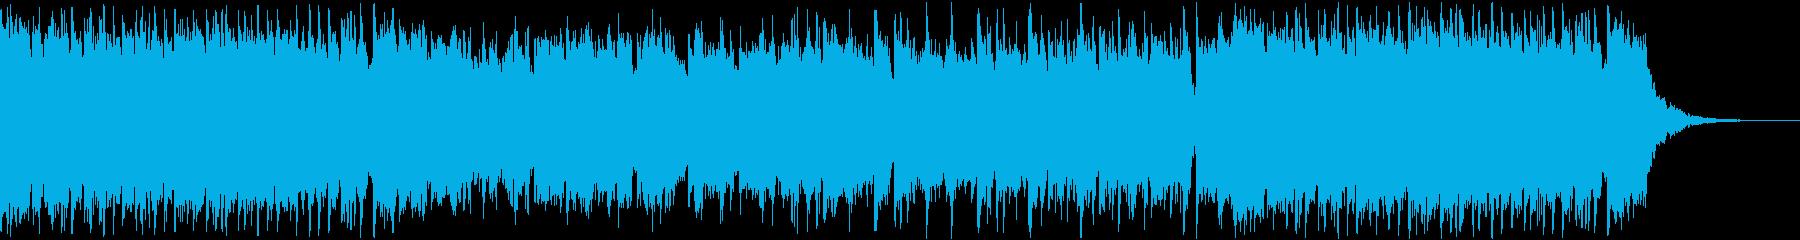 報道系ニュース番組のOP曲の再生済みの波形